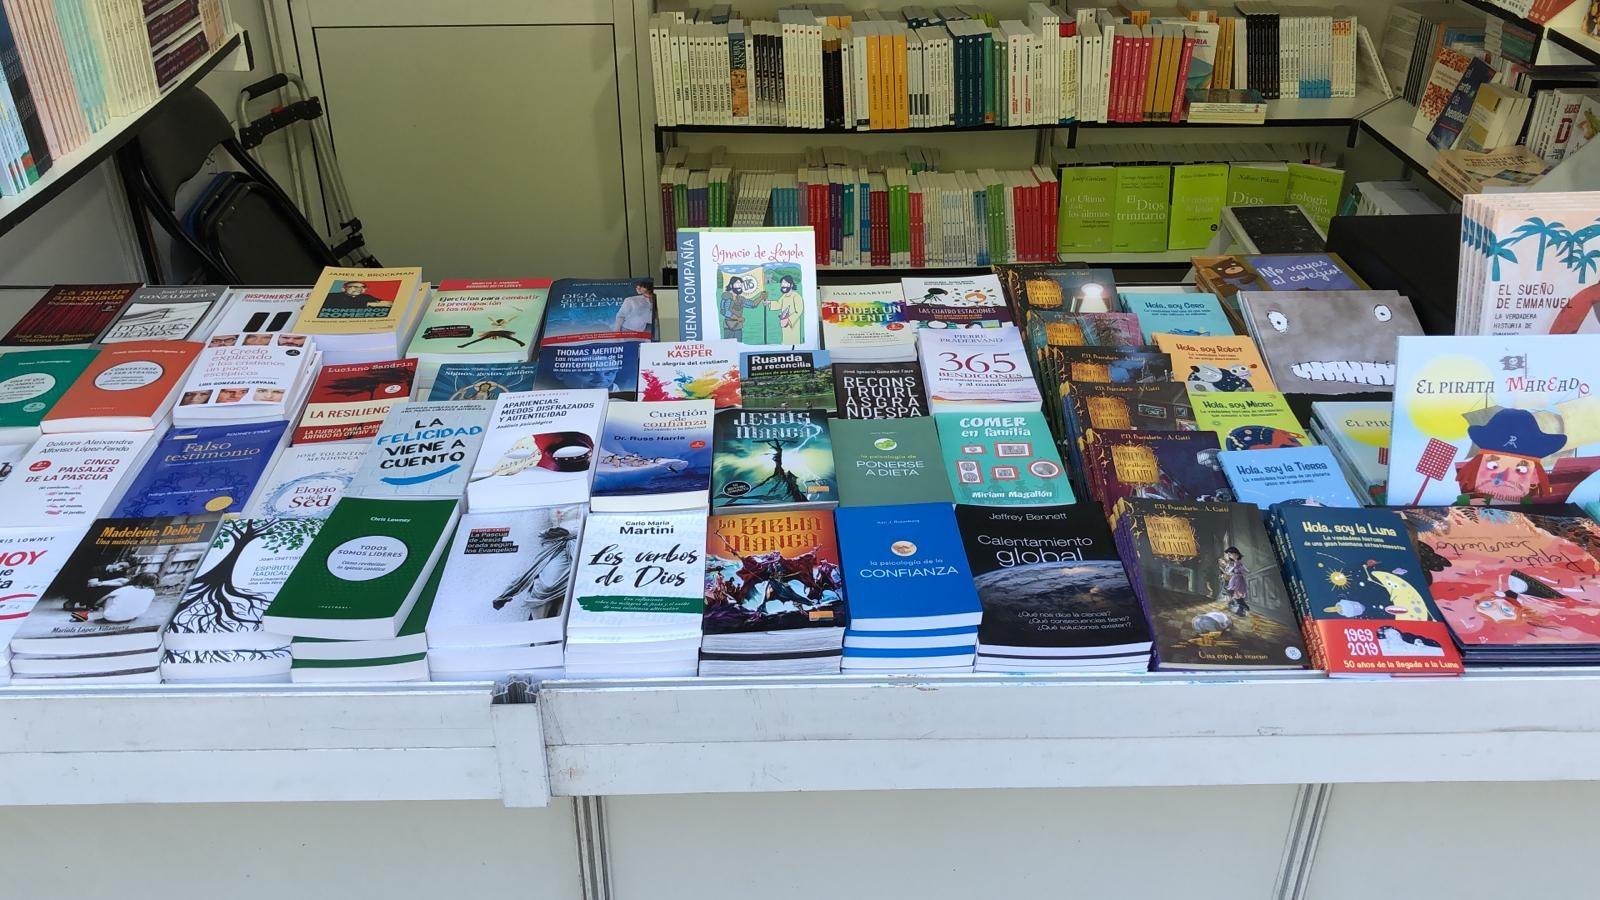 El Grupo de Comunicación Loyola participa de la Feria del Libro de Madrid